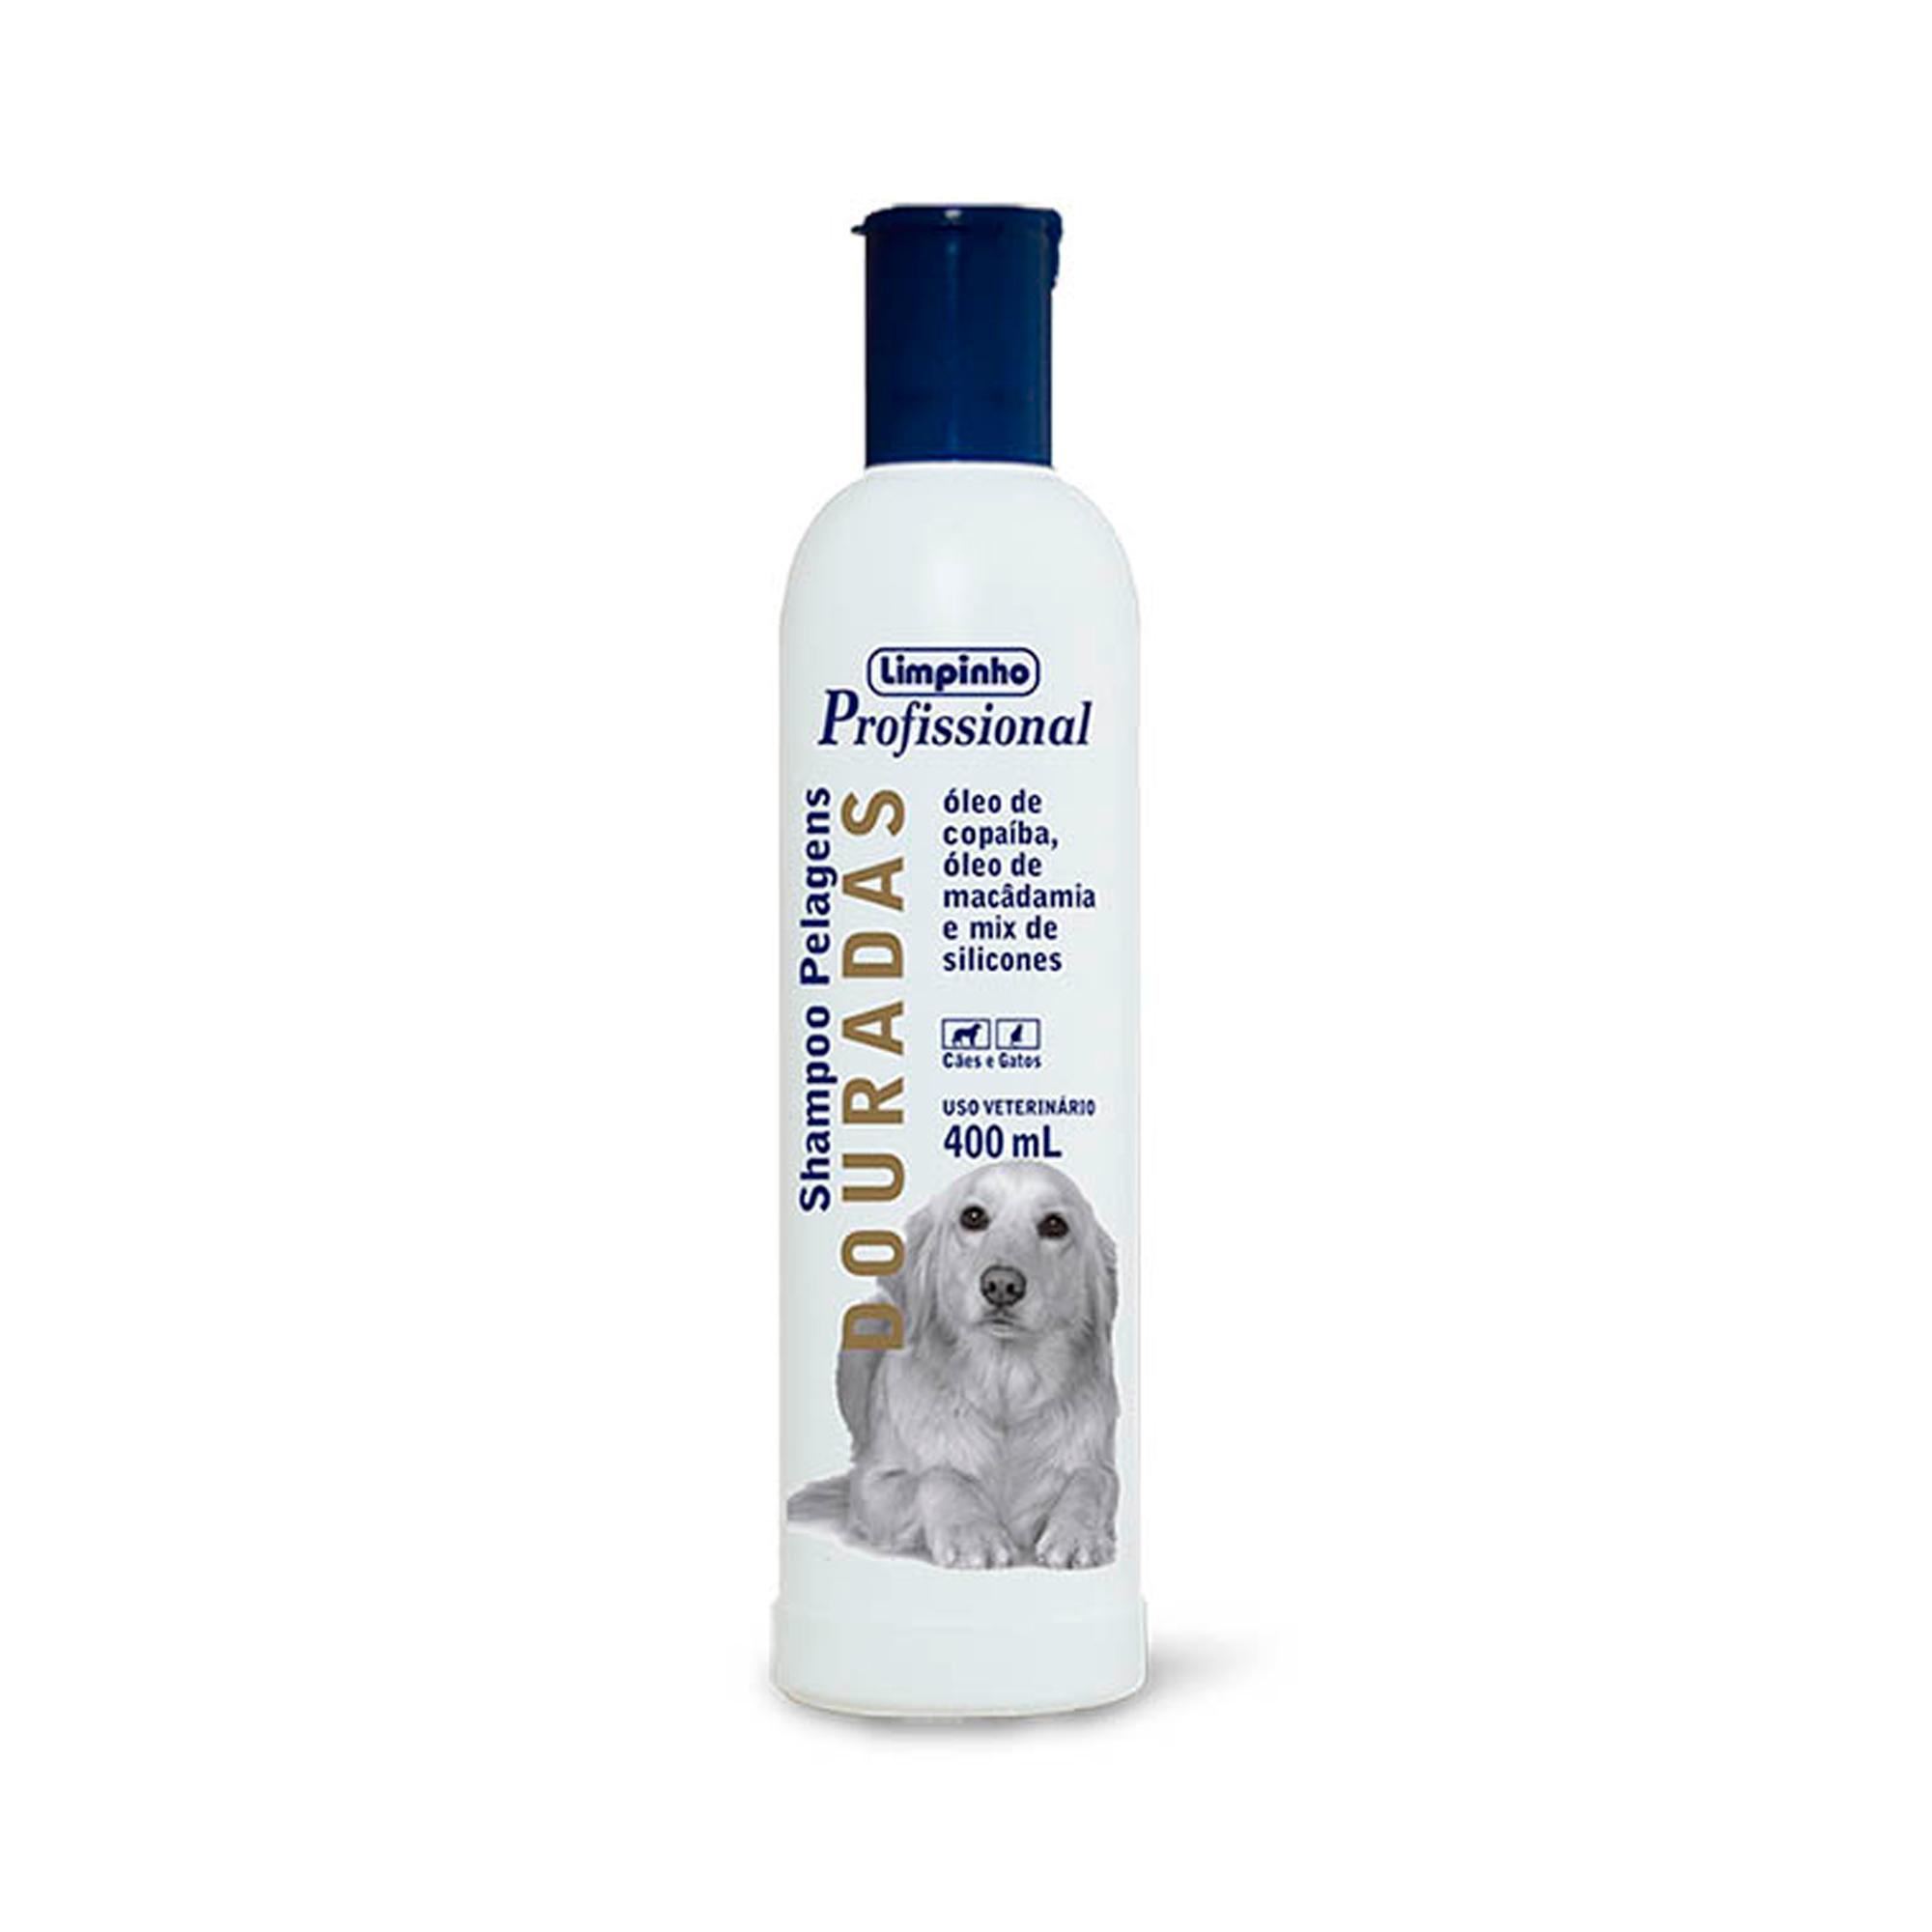 Shampoo Profissional Pelos Dourados Limpinho 400ml